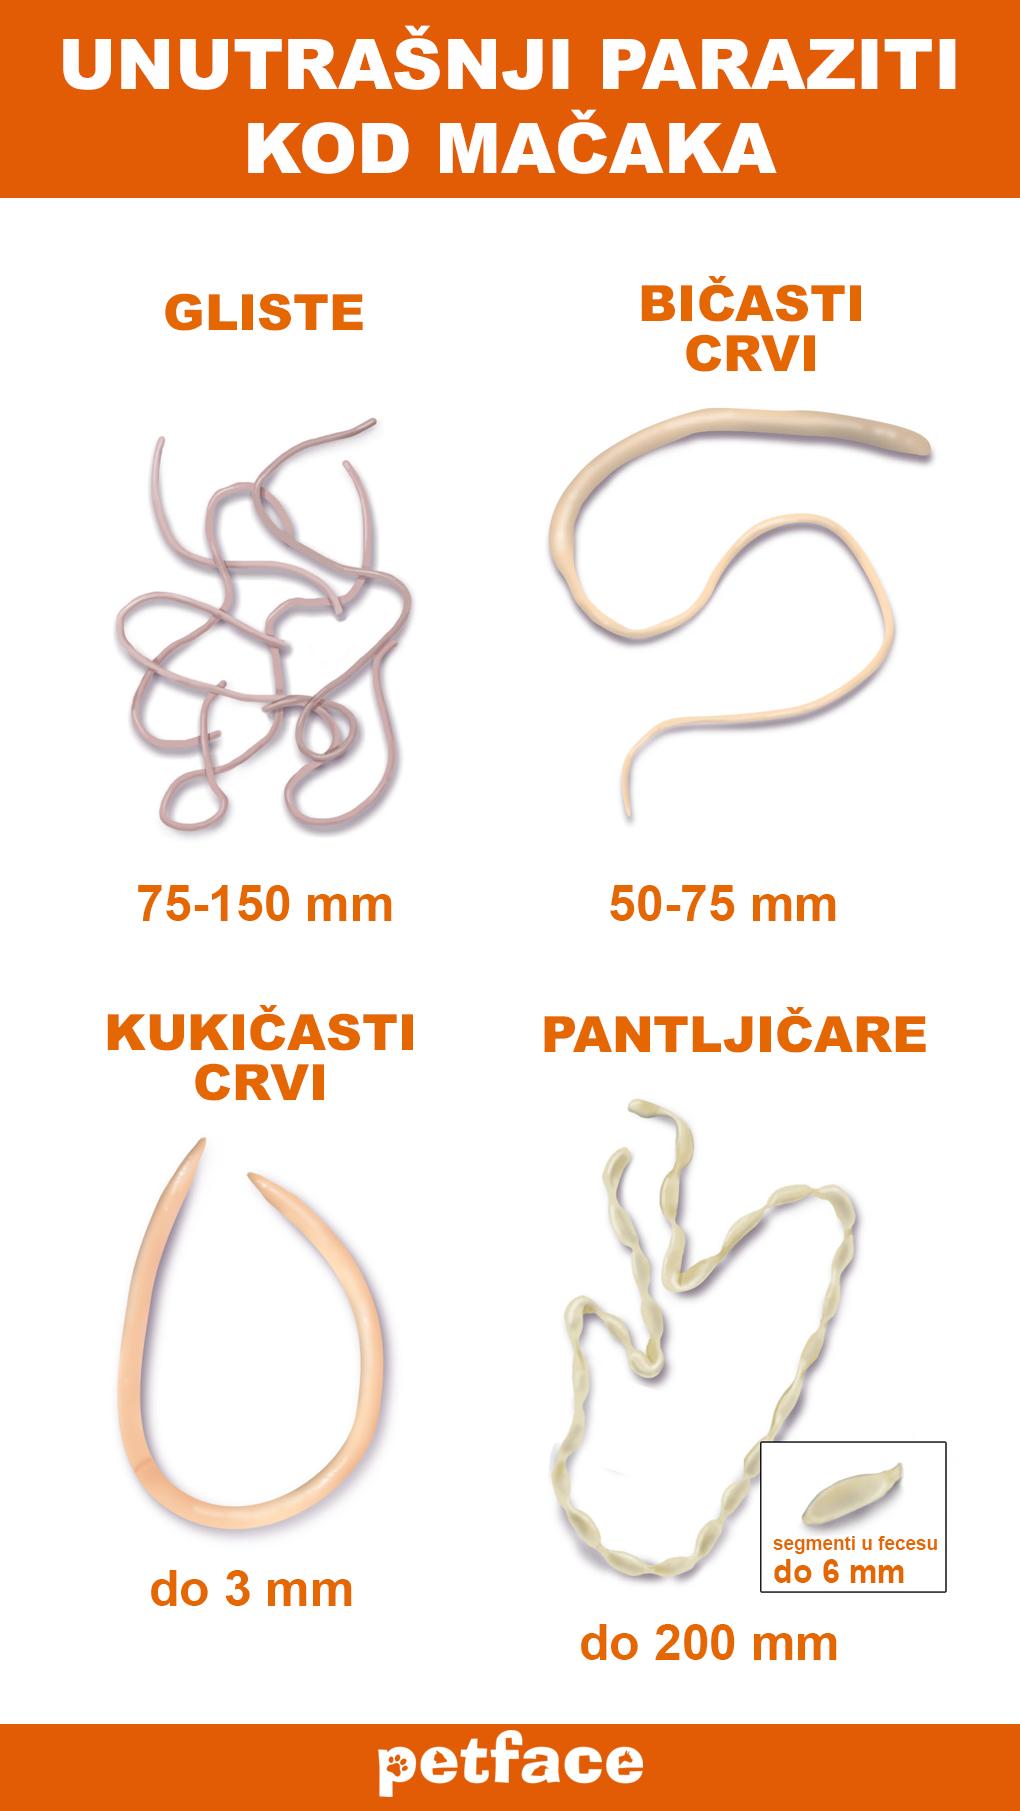 paraziti kod macaka simptomi detoxifiere breaza